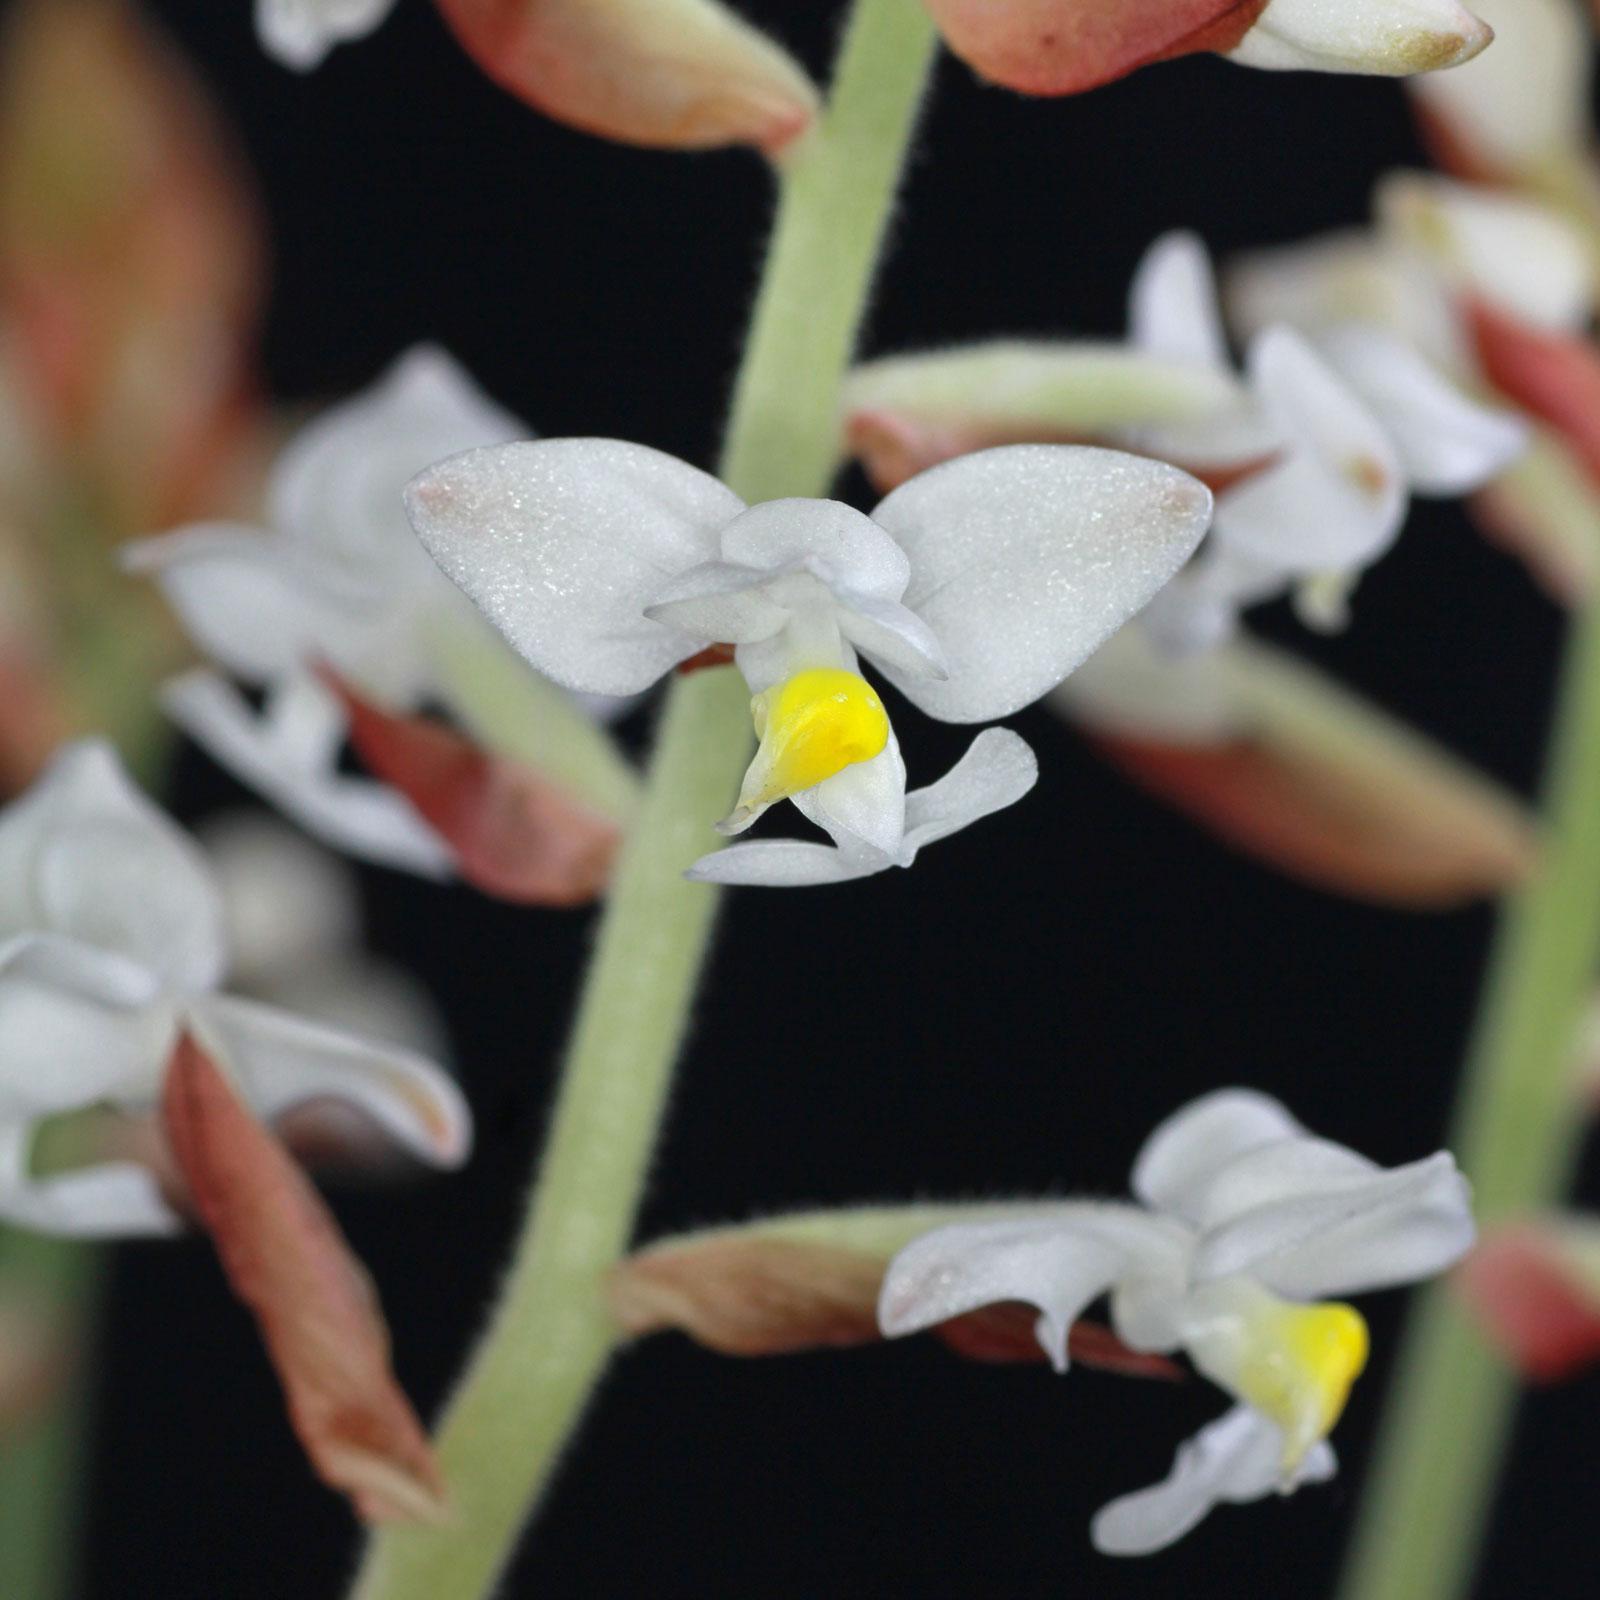 Juwelorchidee Blüten